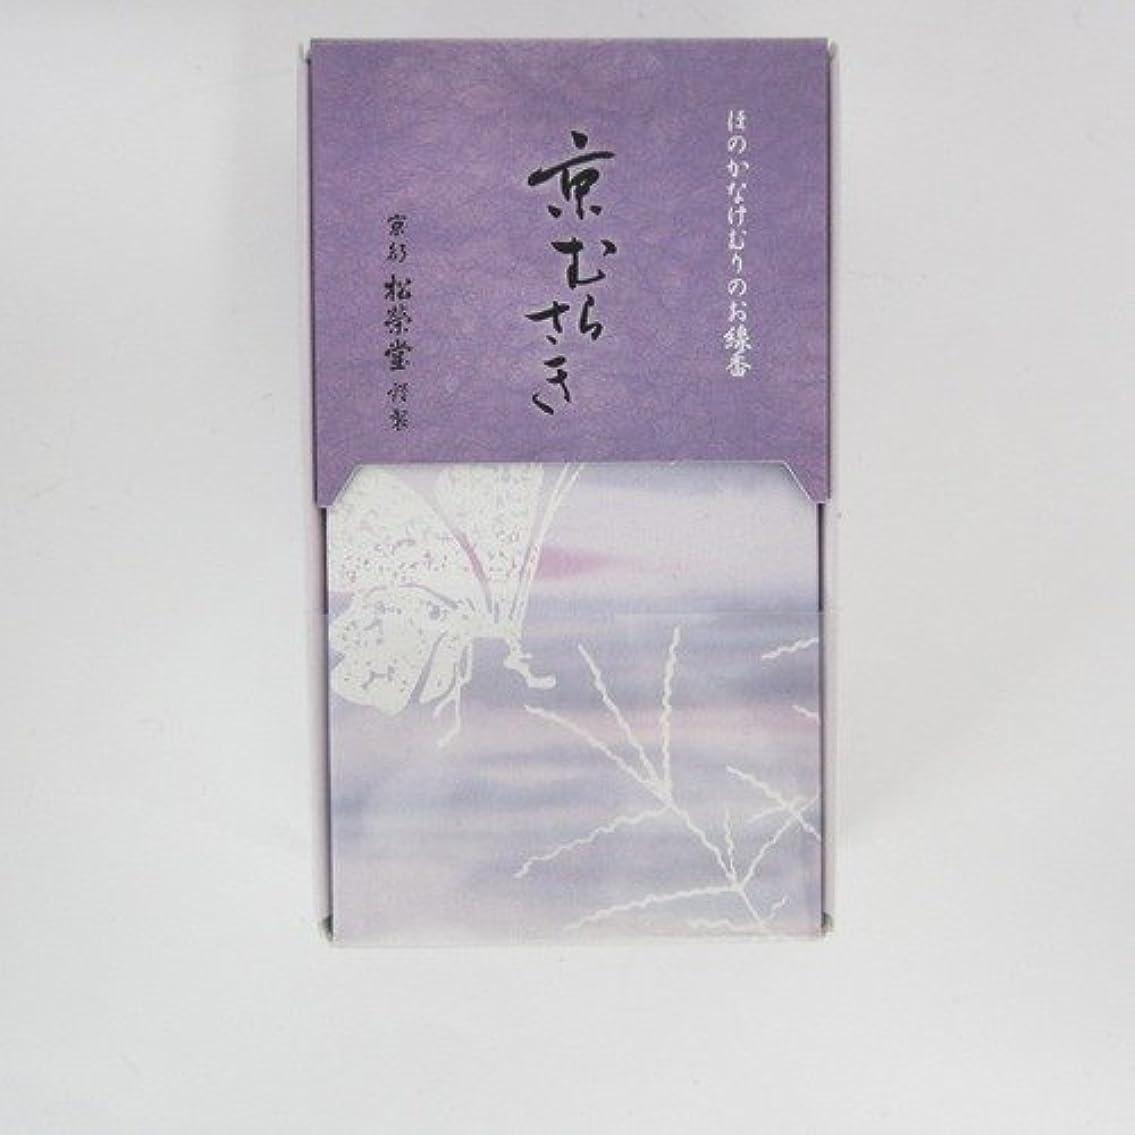 障害事実よろしく松栄堂 玉響シリーズ 京むらさき 45g